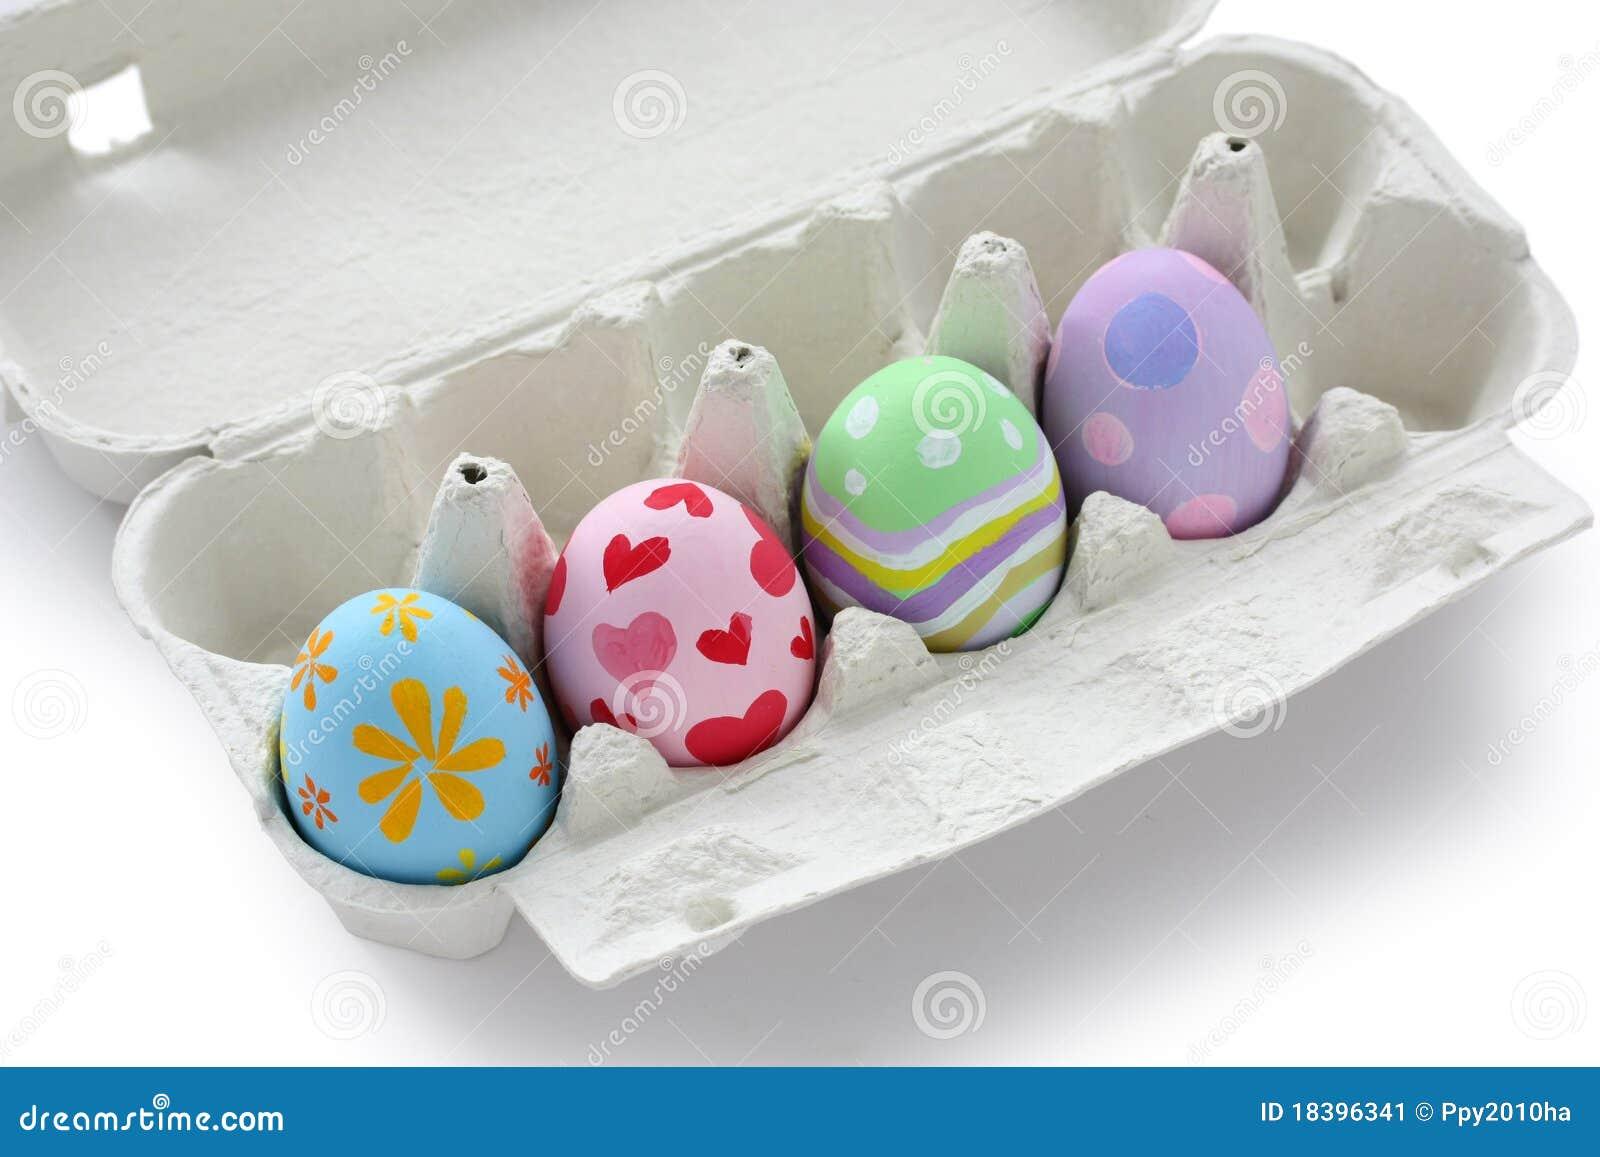 Uova di pasqua dipinte a mano in scatola delle uova - Uova di pasqua decorati a mano ...